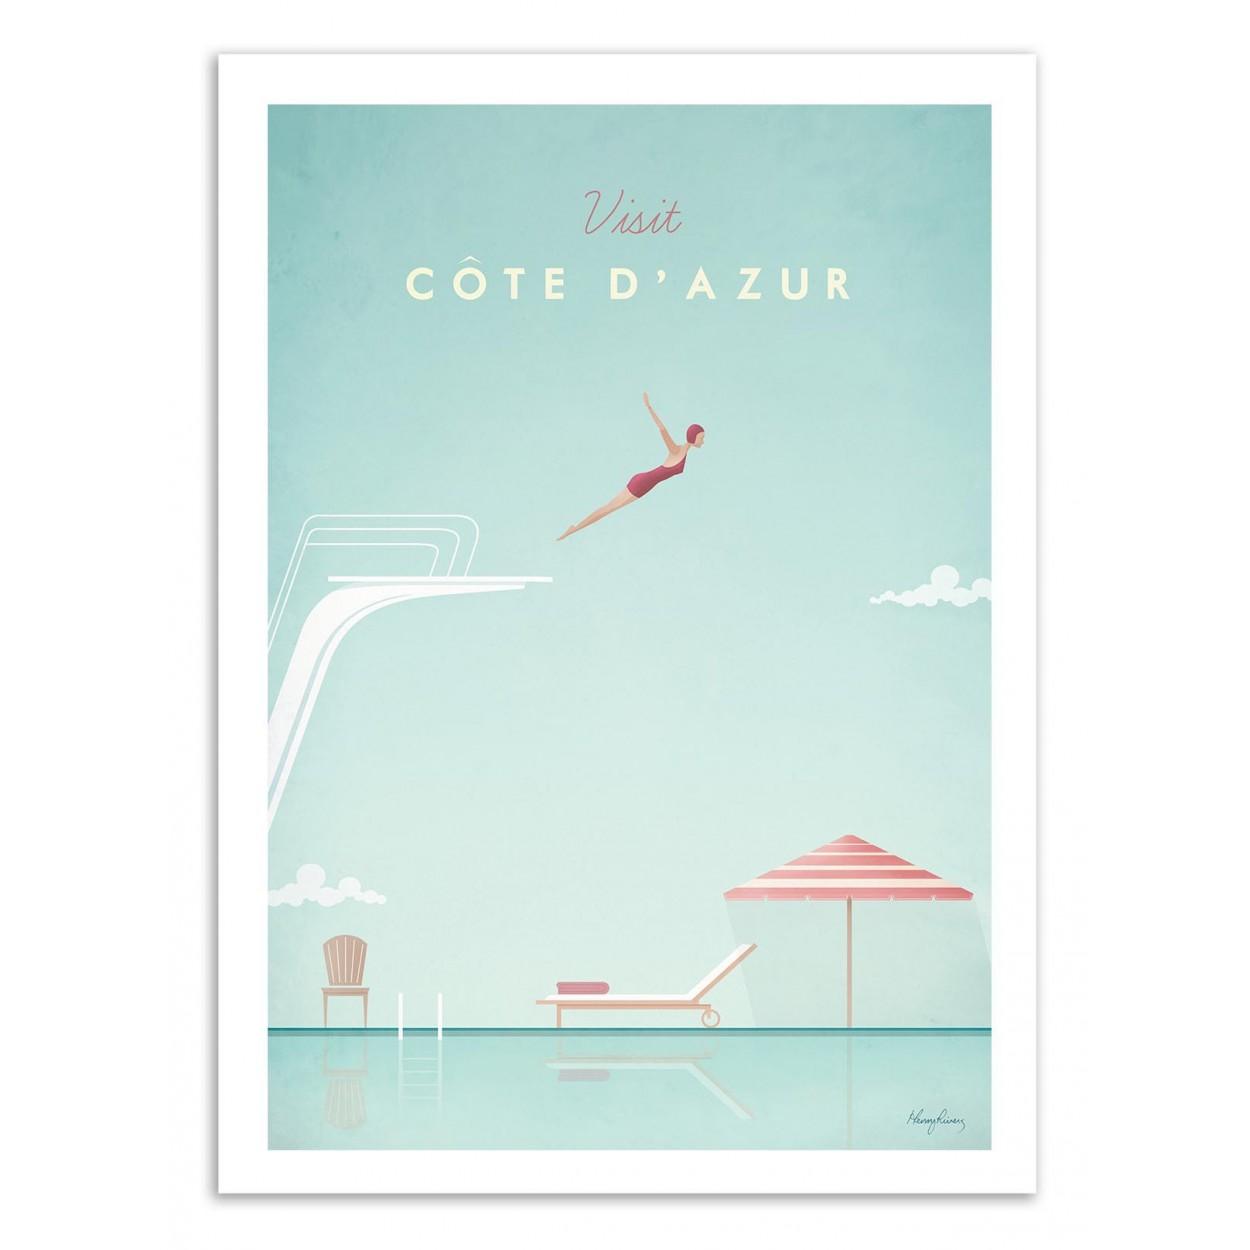 VISIT COTE D'AZUR -  Affiche d'art 70 x 100 cm